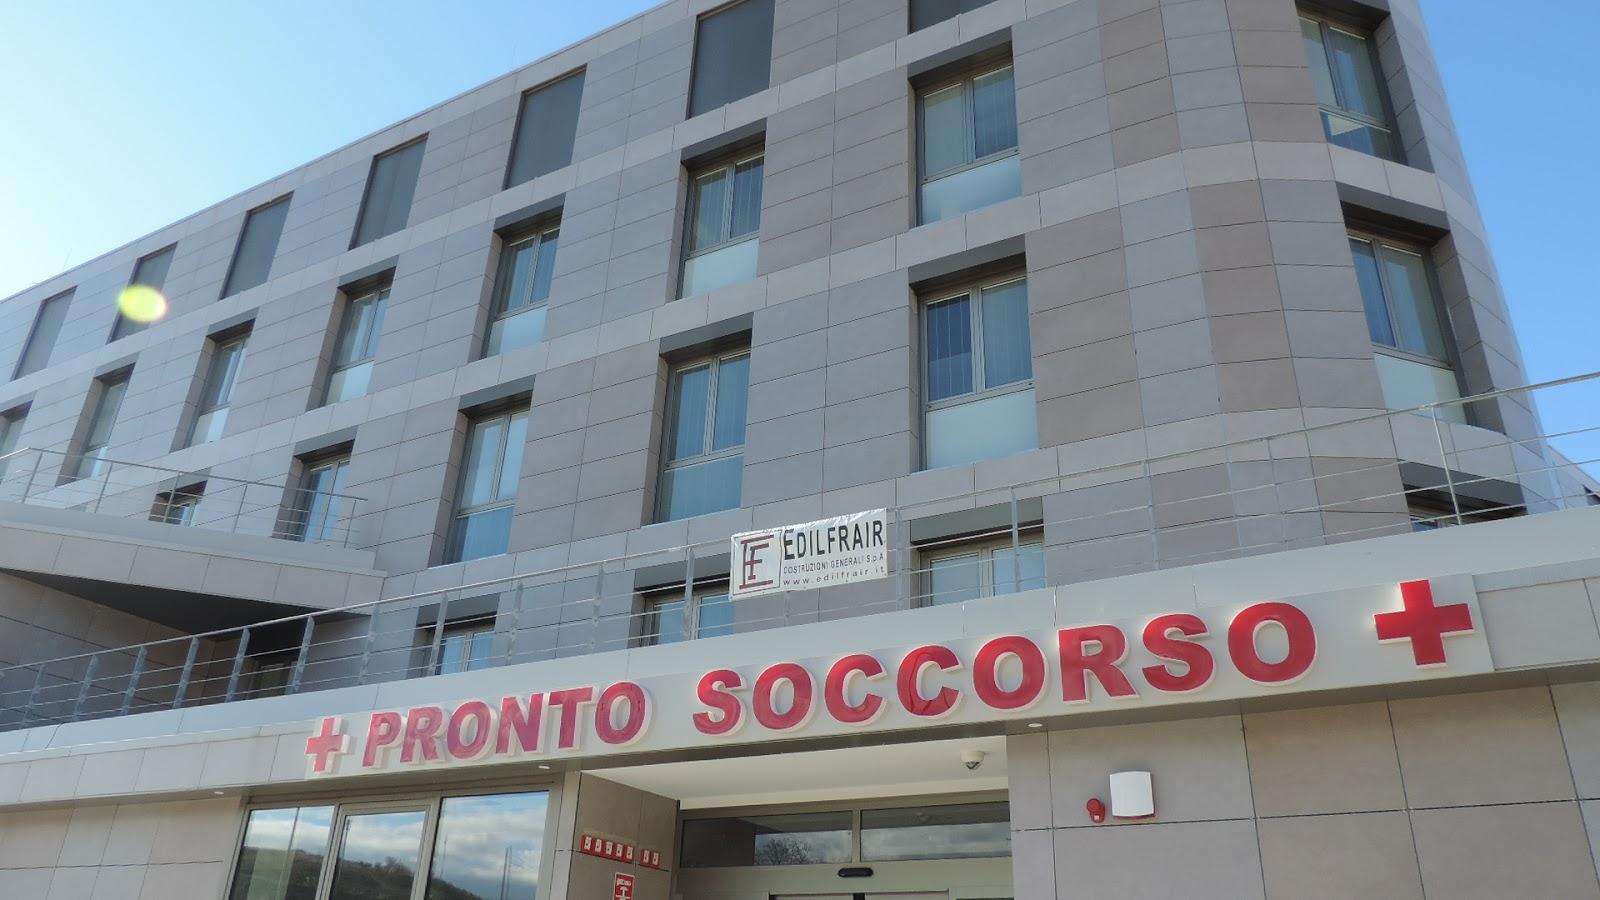 Bcc Montepulciano Nuova Sede centroabruzzonews: pronto soccorso nel nuovo ospedale da